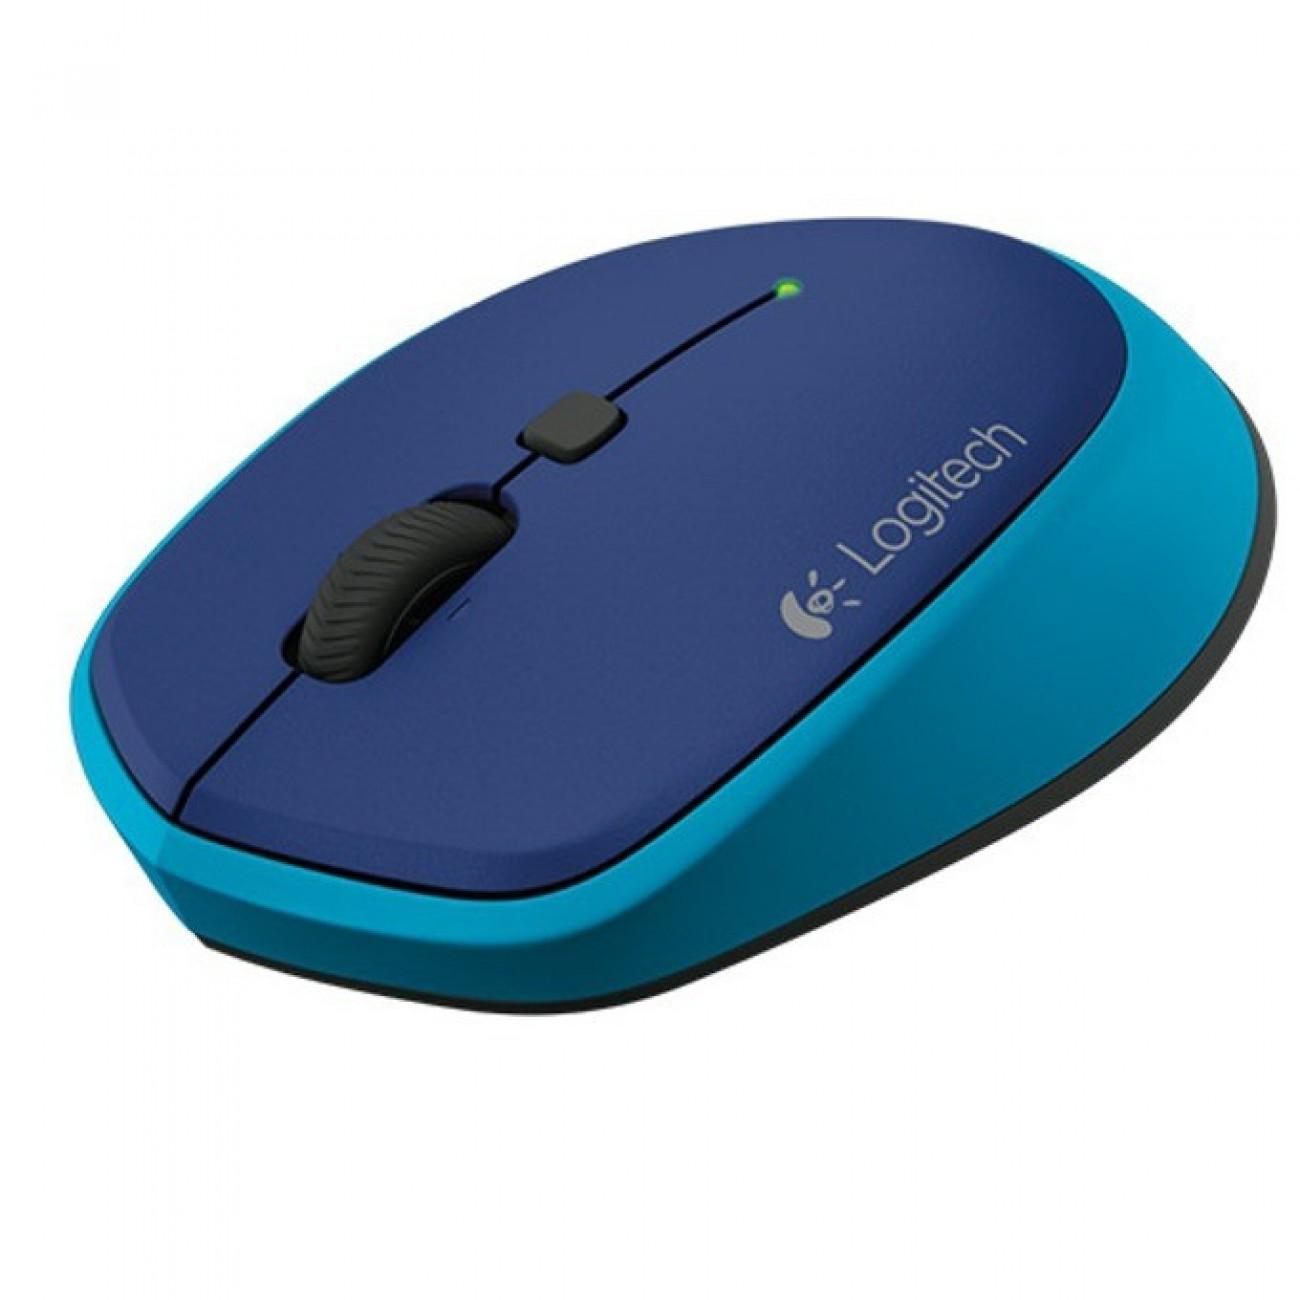 Мишка Logitech M335, оптична (1000 dpi), безжична, синя в Мишки -    Alleop